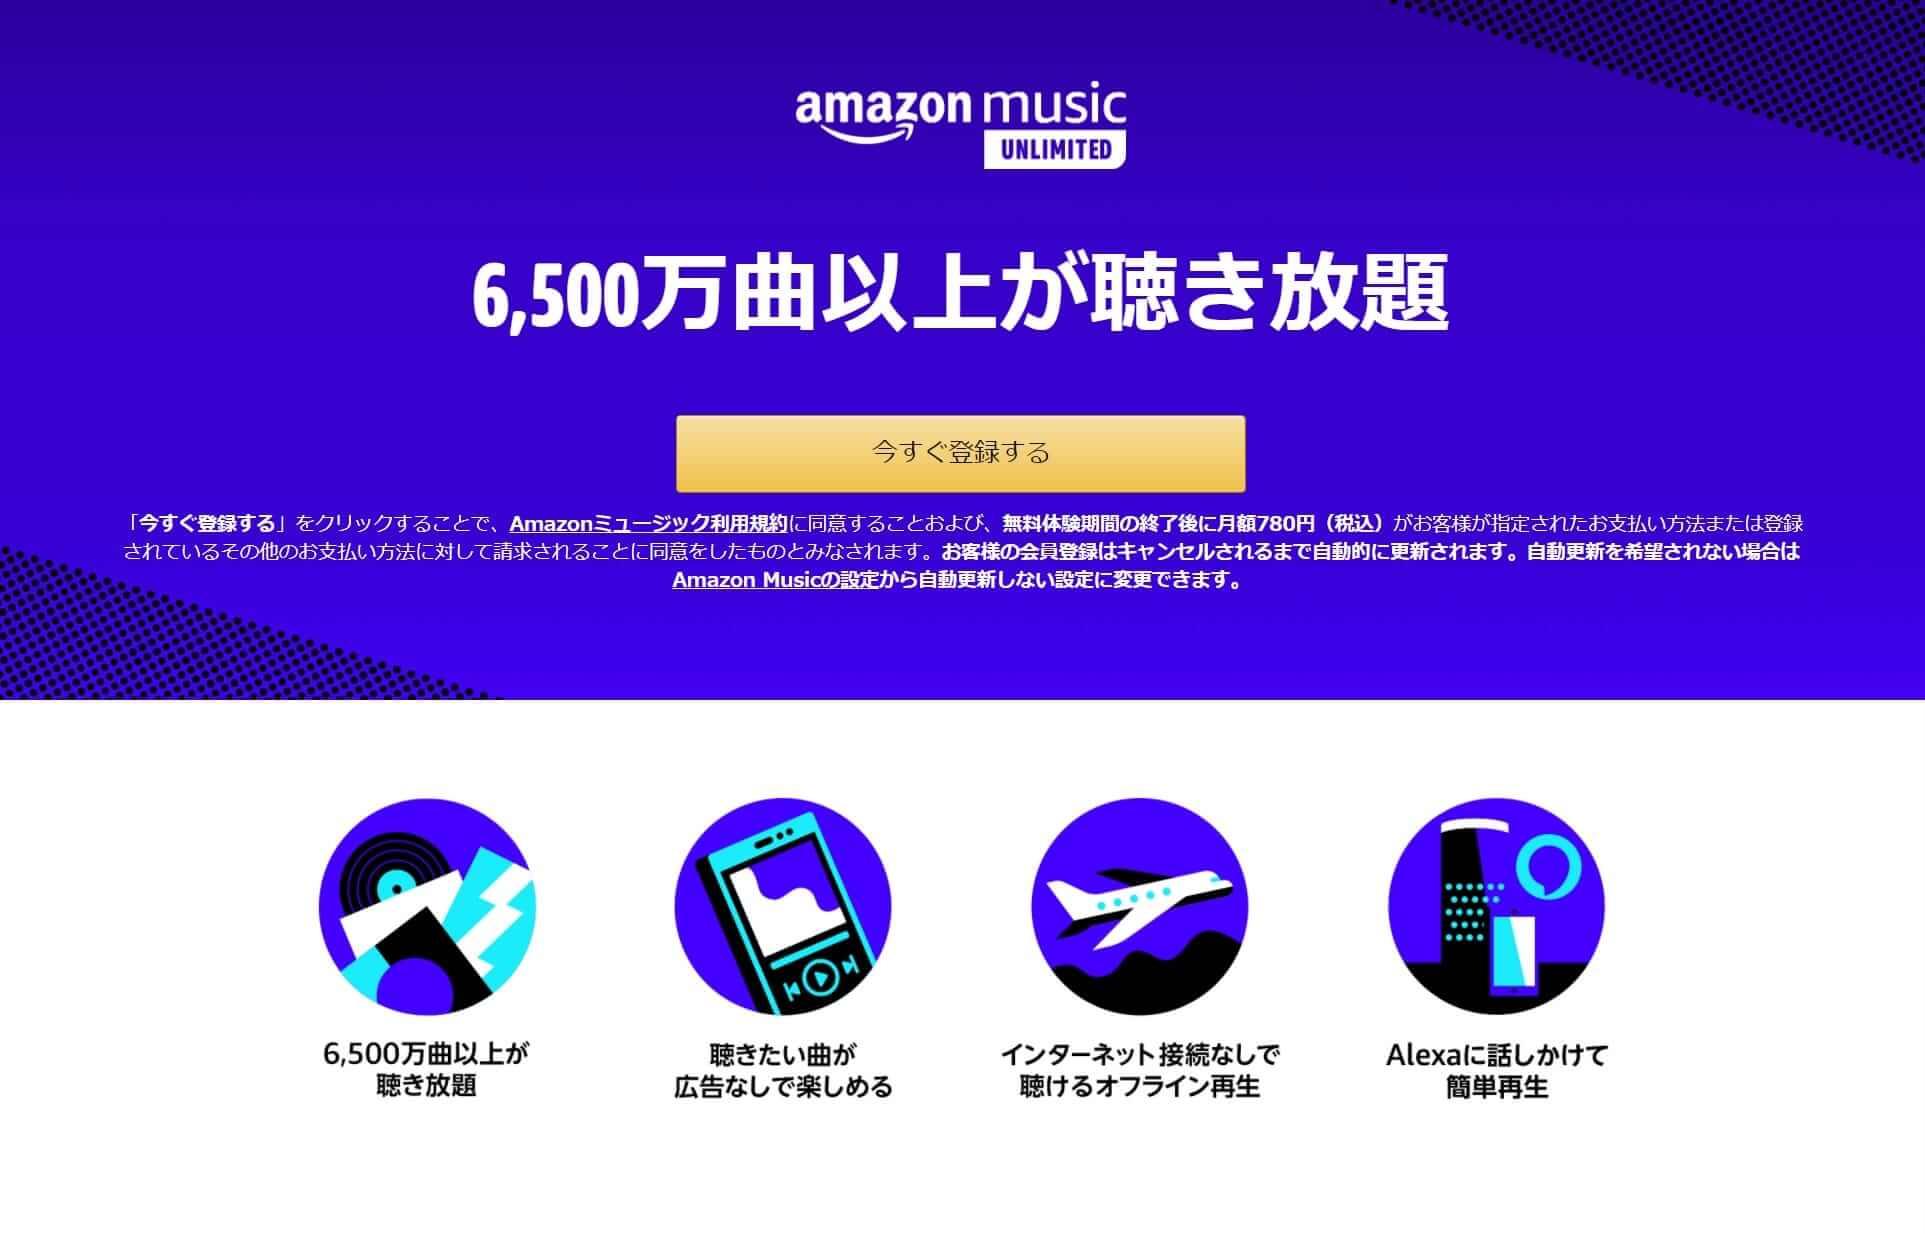 Amazon Music Unlimitedとは